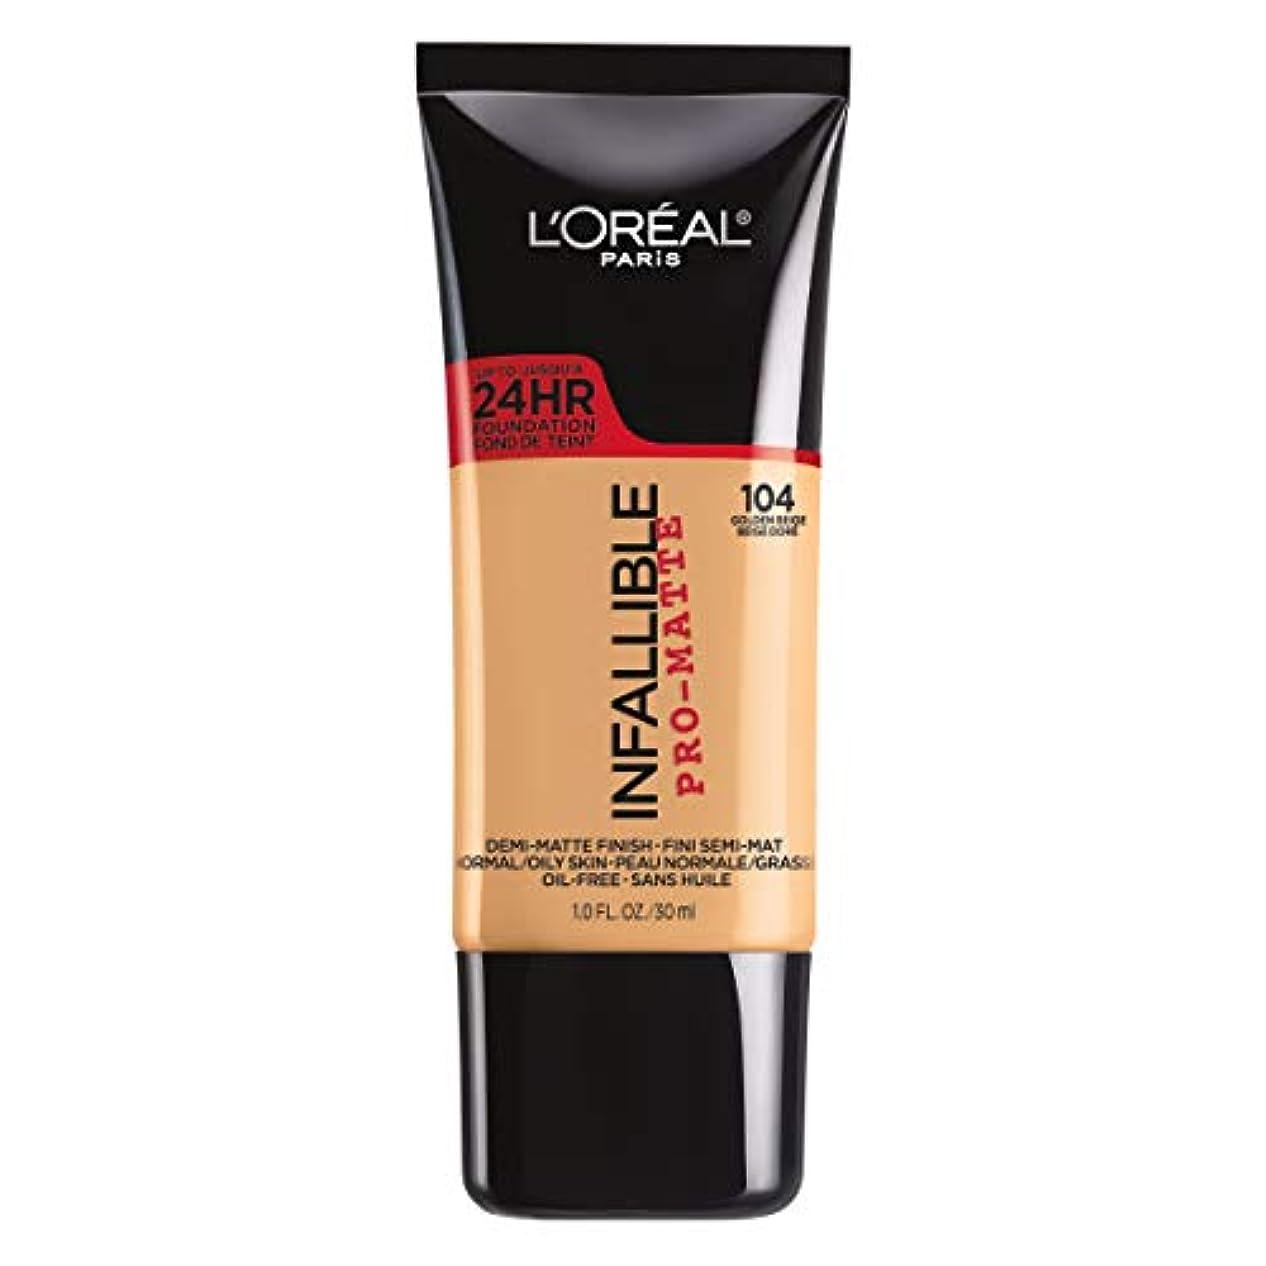 真空施設強調L'Oreal Paris Infallible Pro-Matte Foundation Makeup, 104 Golden Beige, 1 fl. oz[並行輸入品]